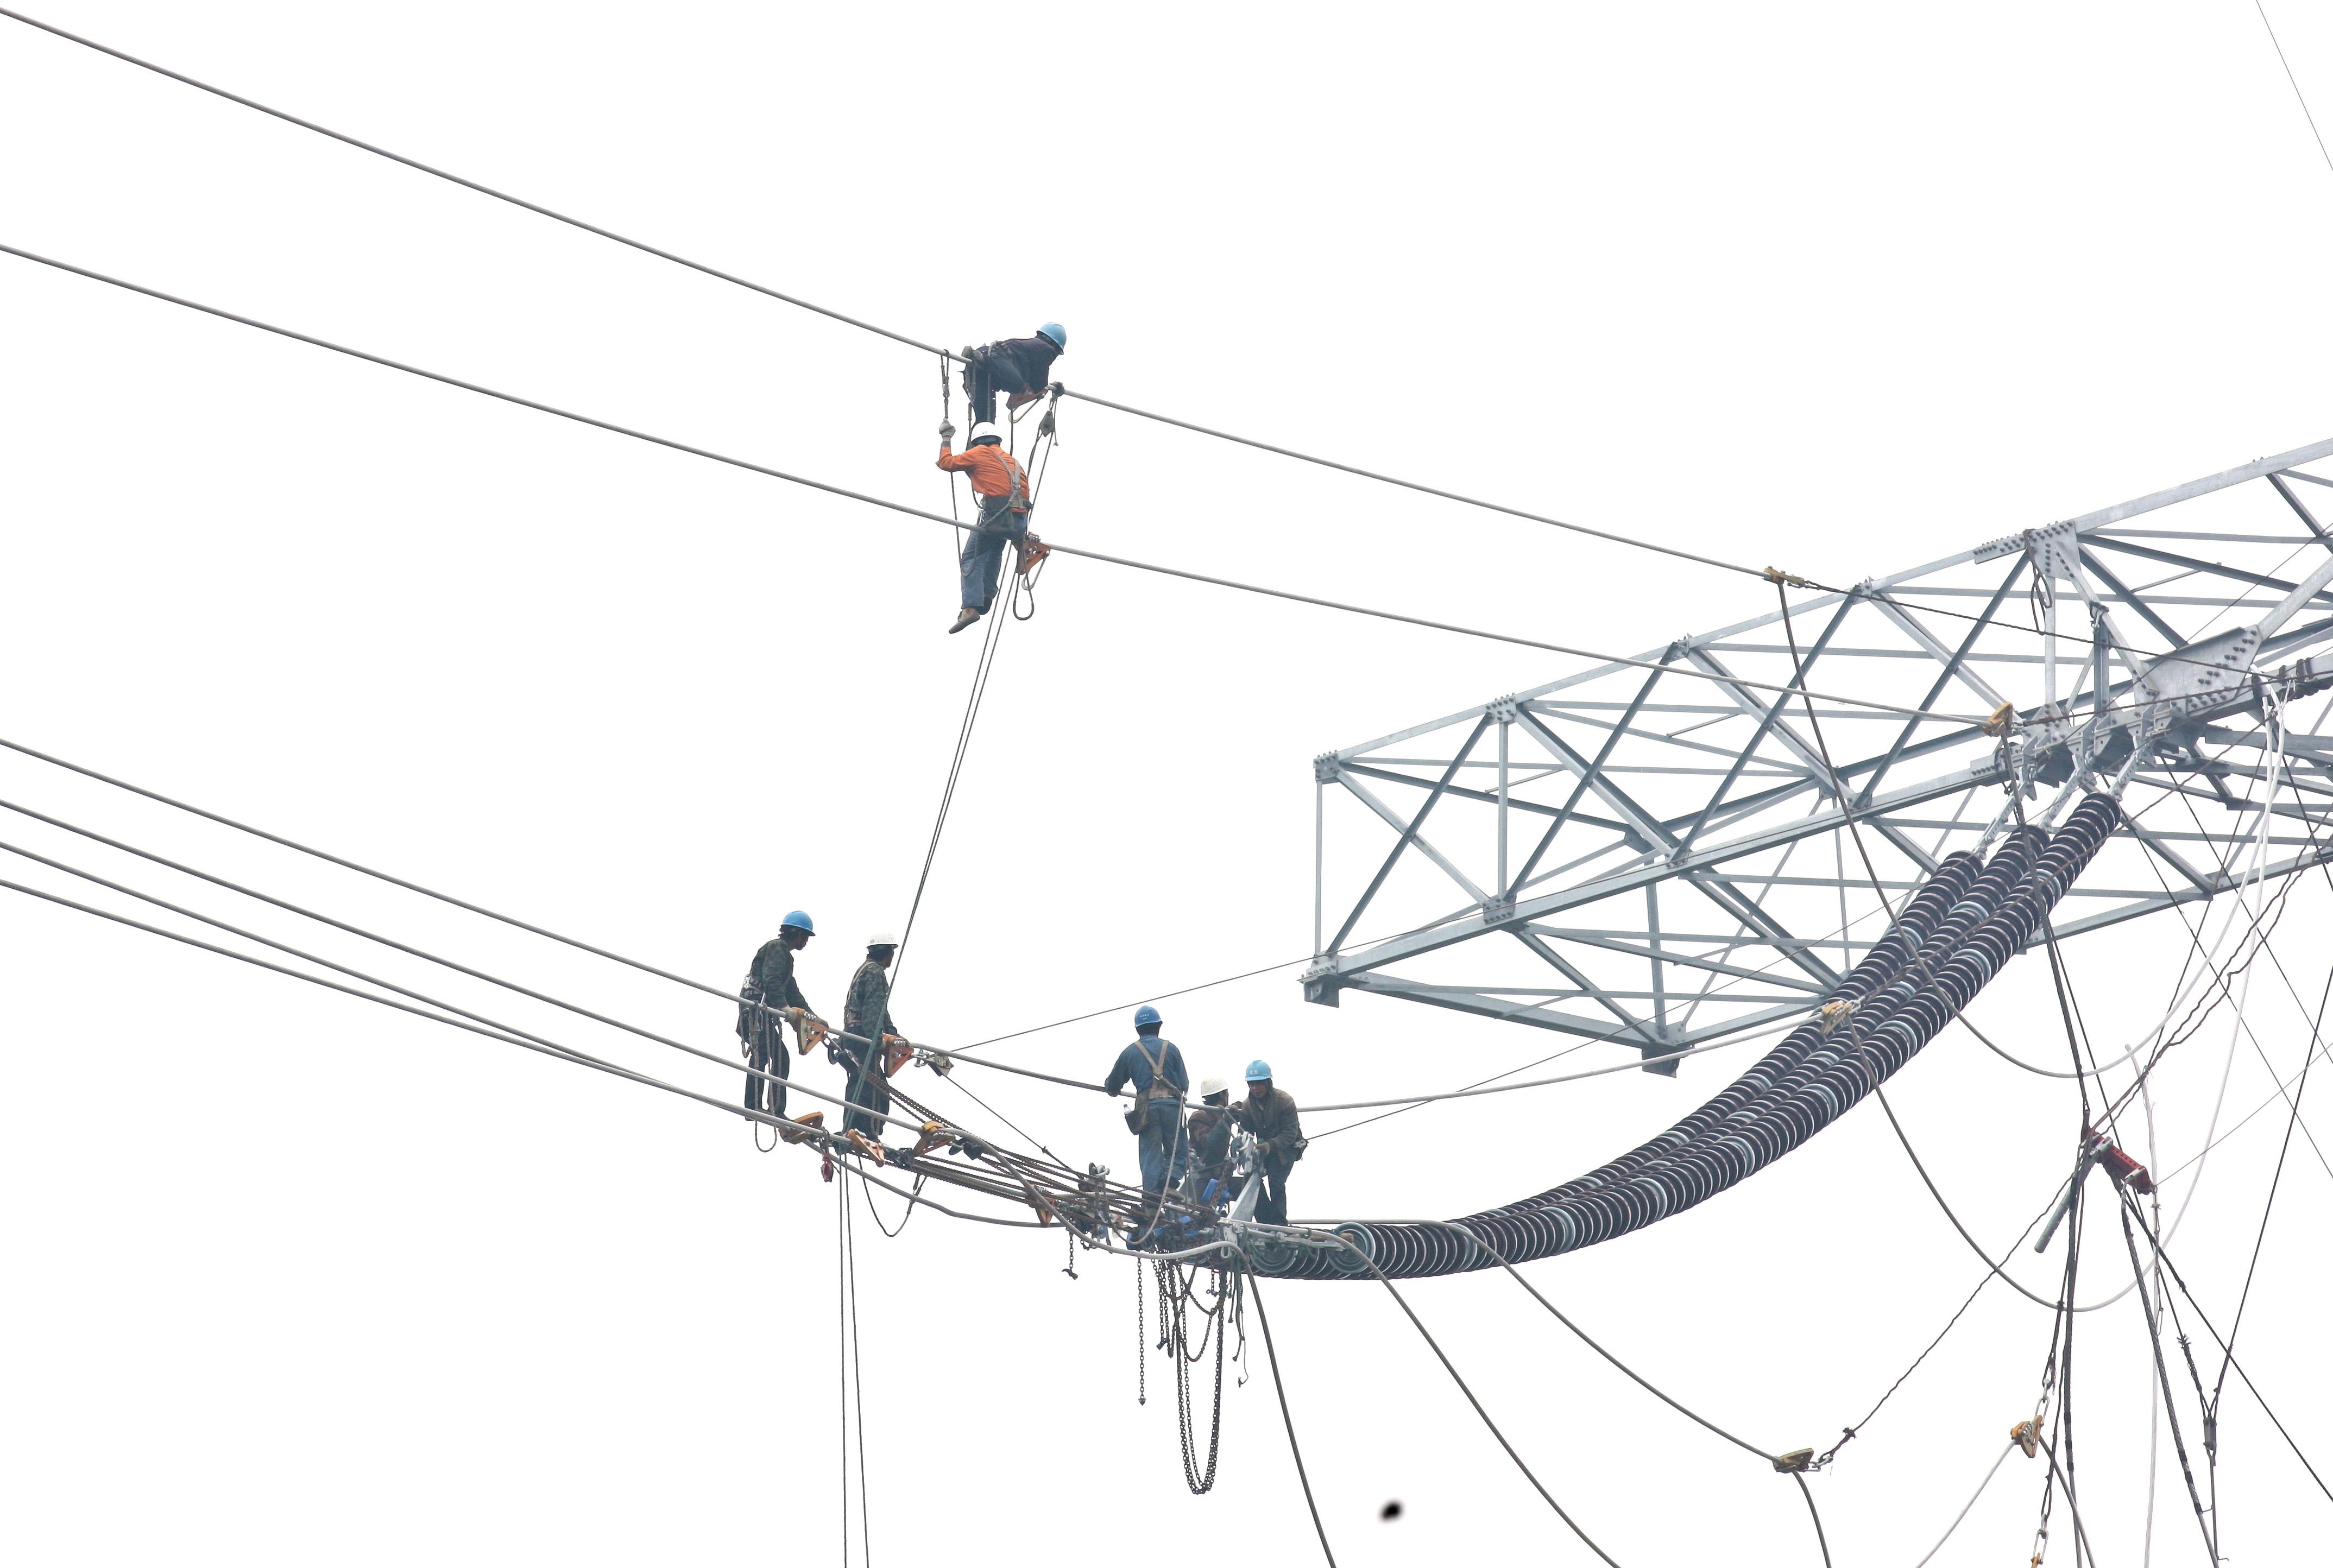 请教下10kv架空线路电力工程中人工费和材料费的比例各占多是呢